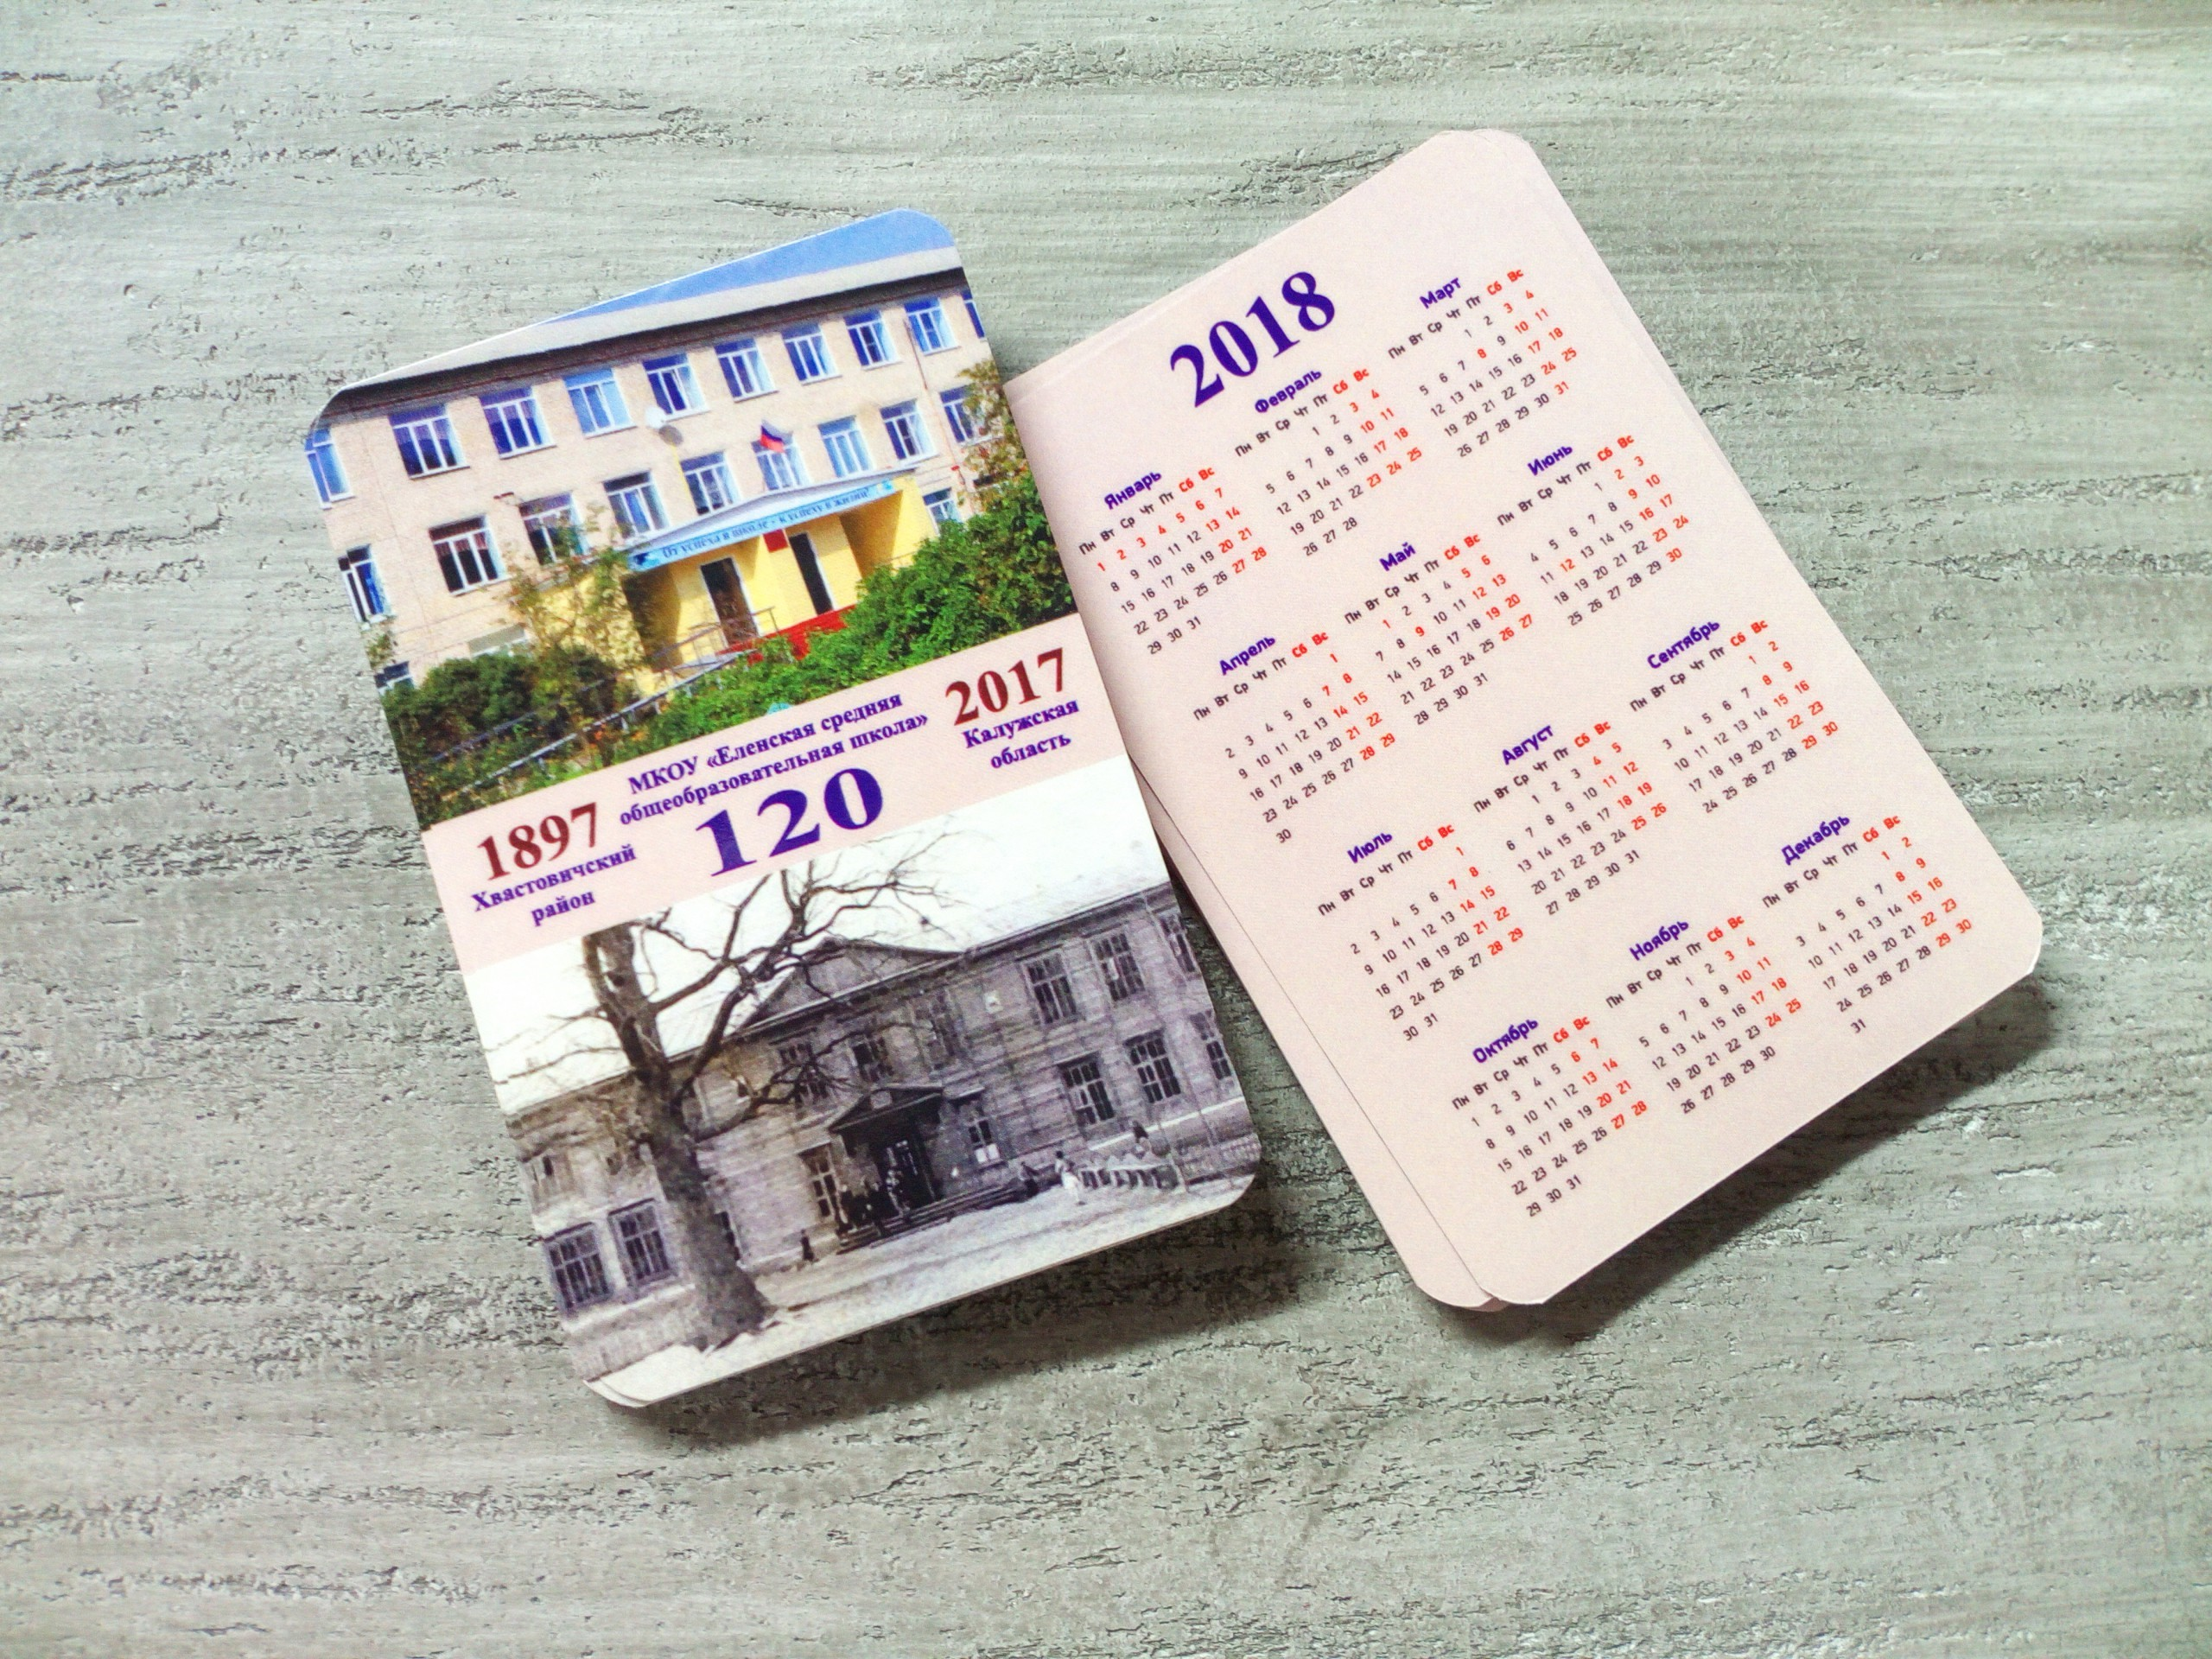 Разработка дизайна карманных календарей в Москве | фото 4